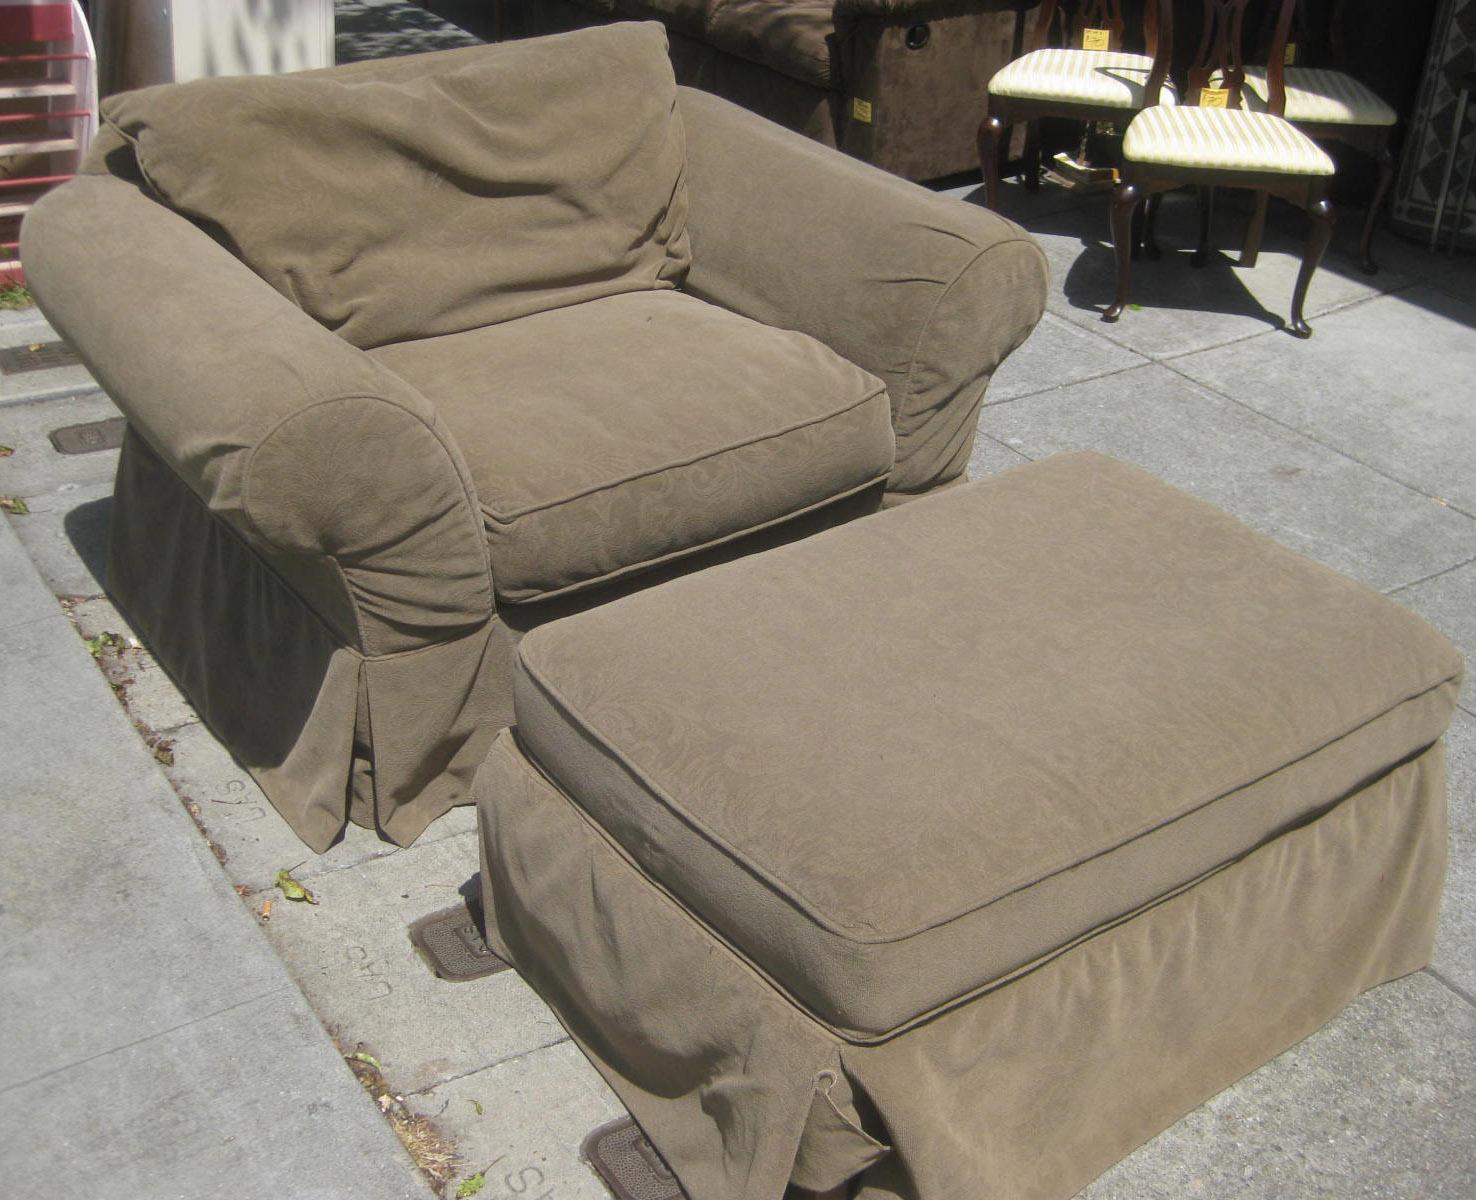 uhuru furniture collectibles sold olive oversized. Black Bedroom Furniture Sets. Home Design Ideas